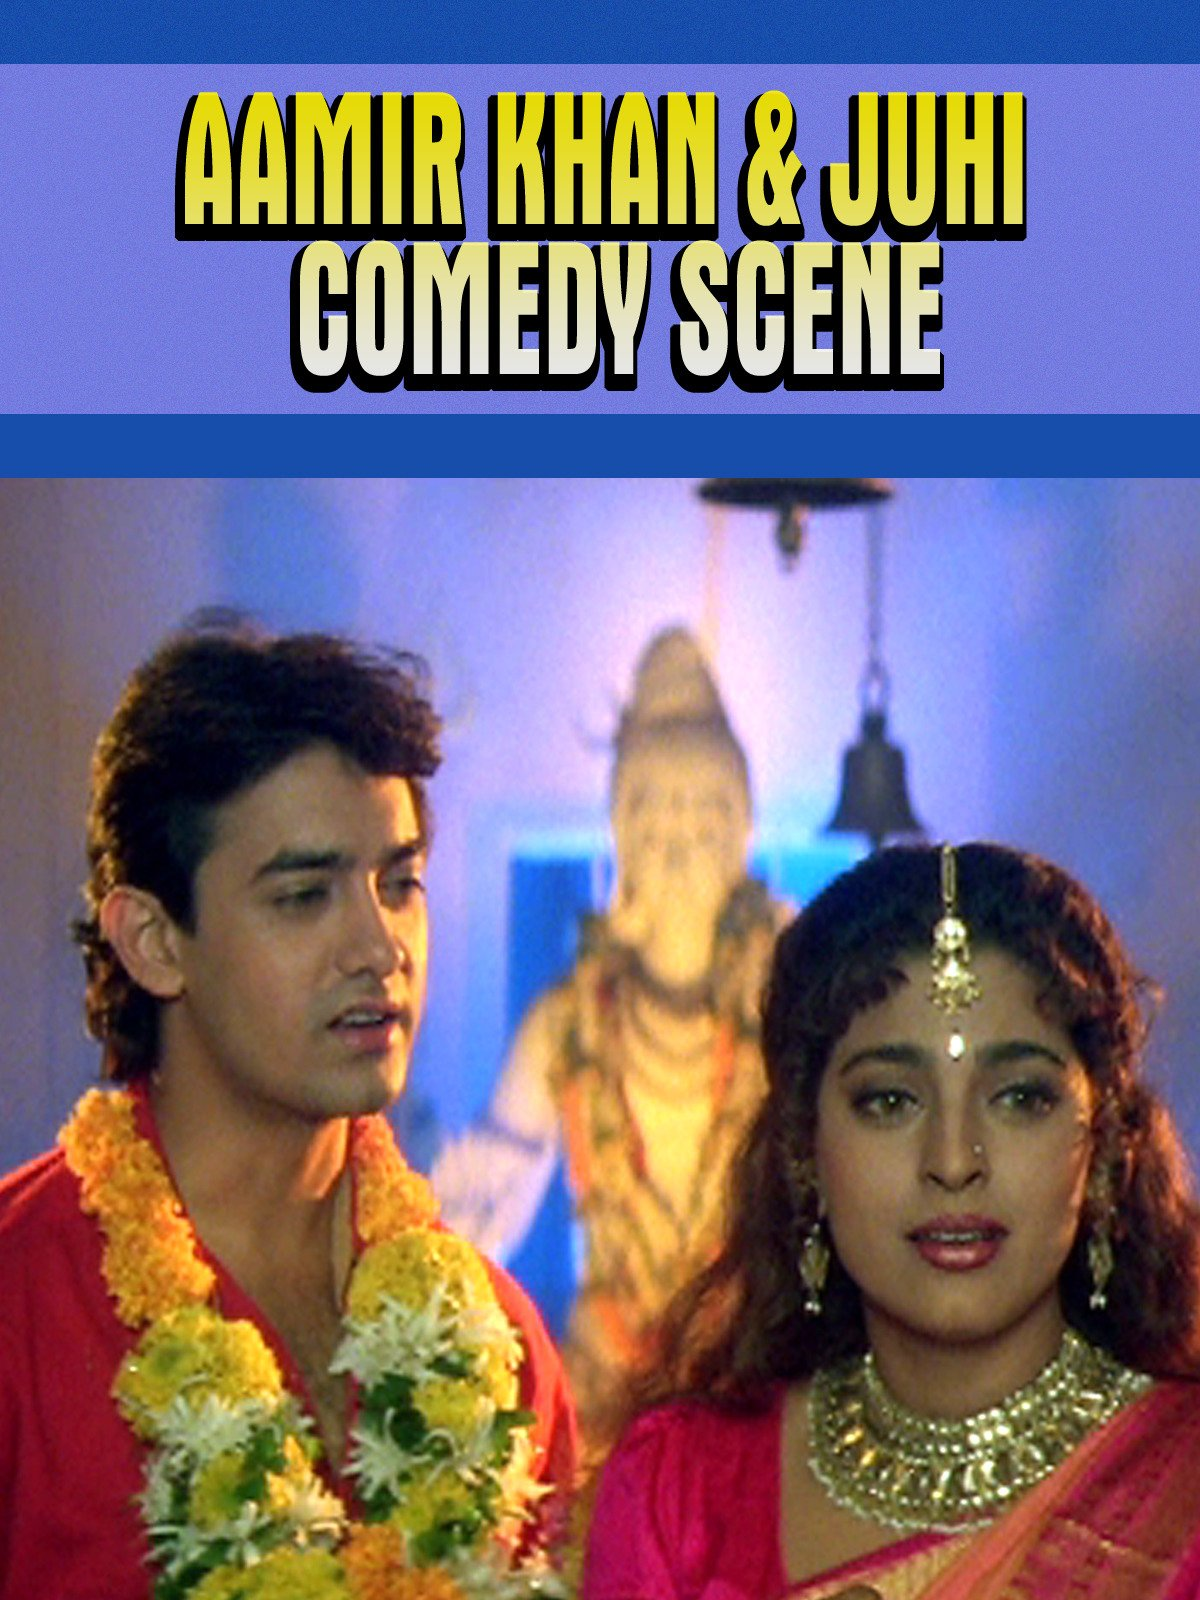 Aamir Khan & Juhi Comedy Scene